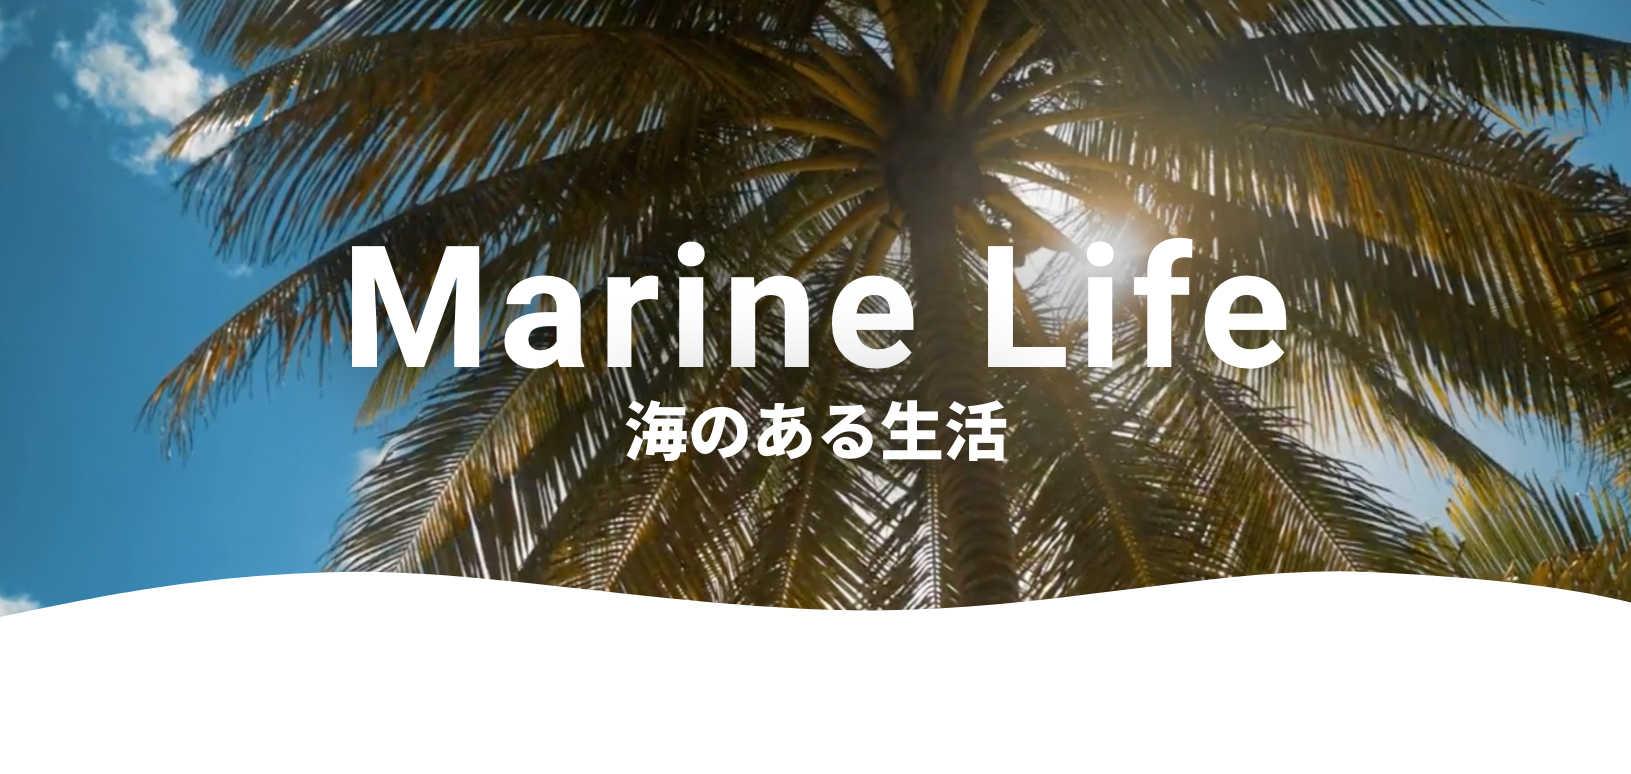 Marine Life ~いつか行きたい旅~